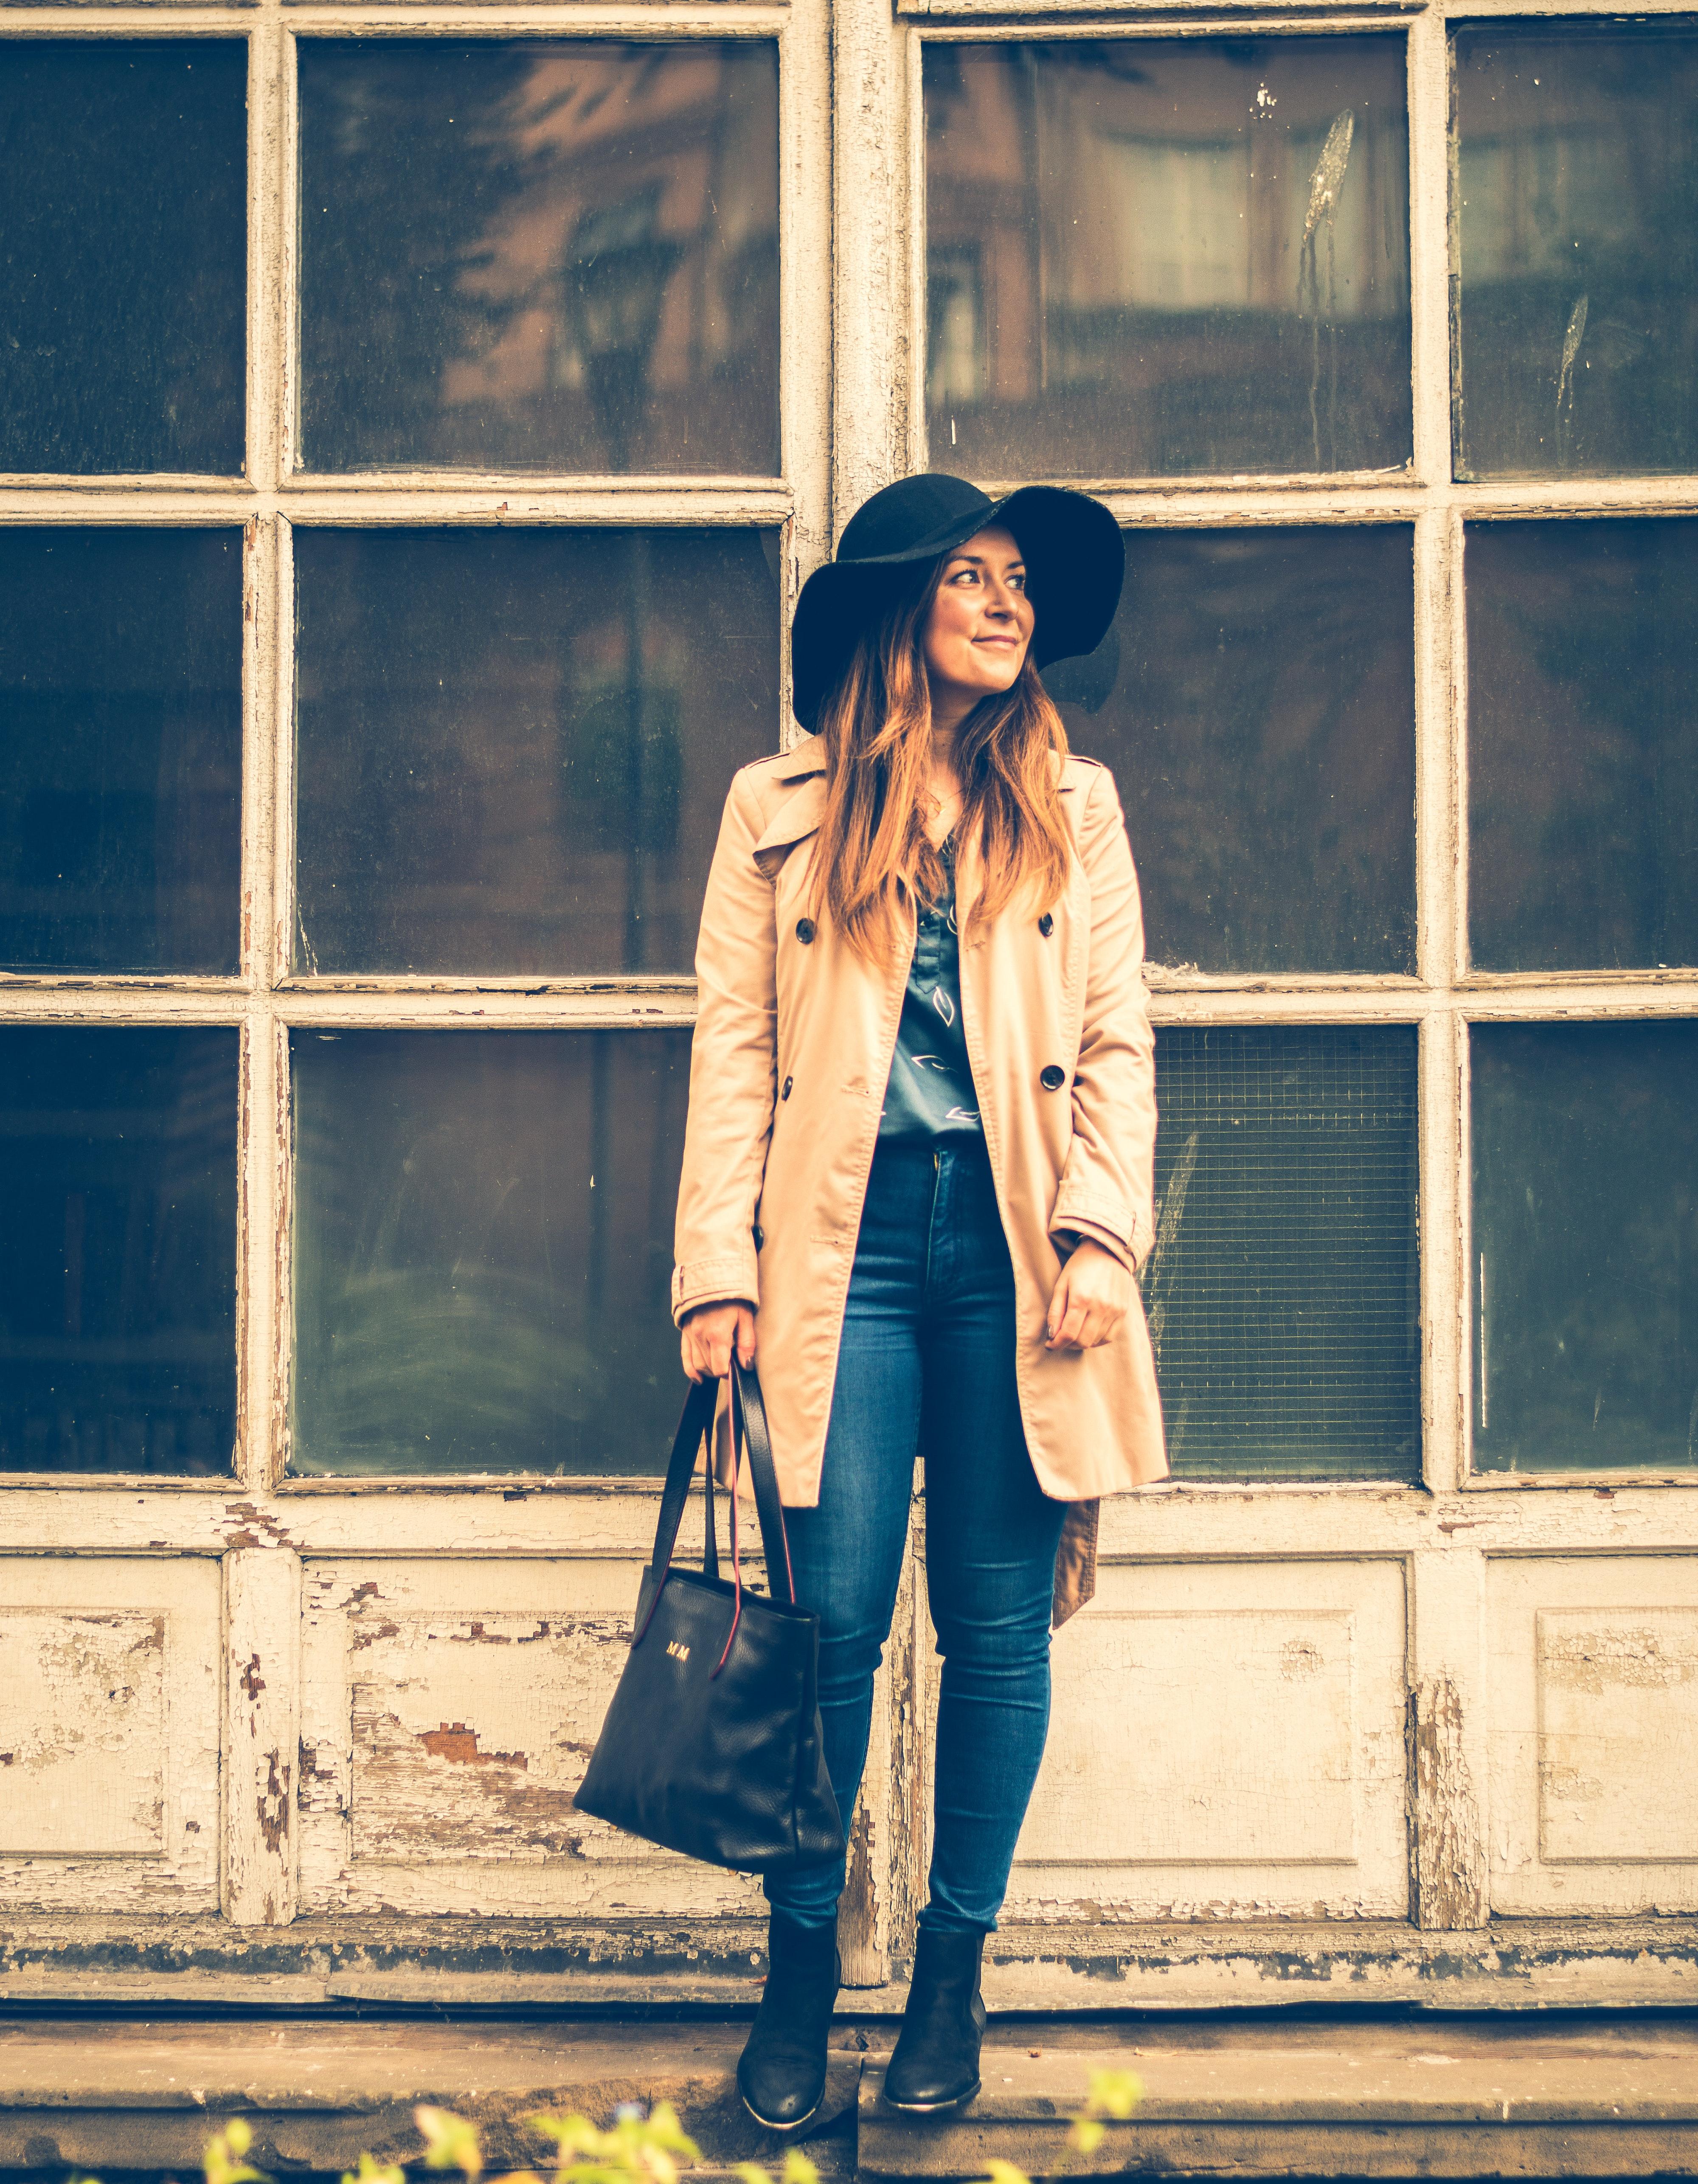 f8a5bbfbca275b jeans capi di abbigliamento denim capispalla giacca ragazza copricapo moda  cappotto pantaloni freddo modello inverno blazer